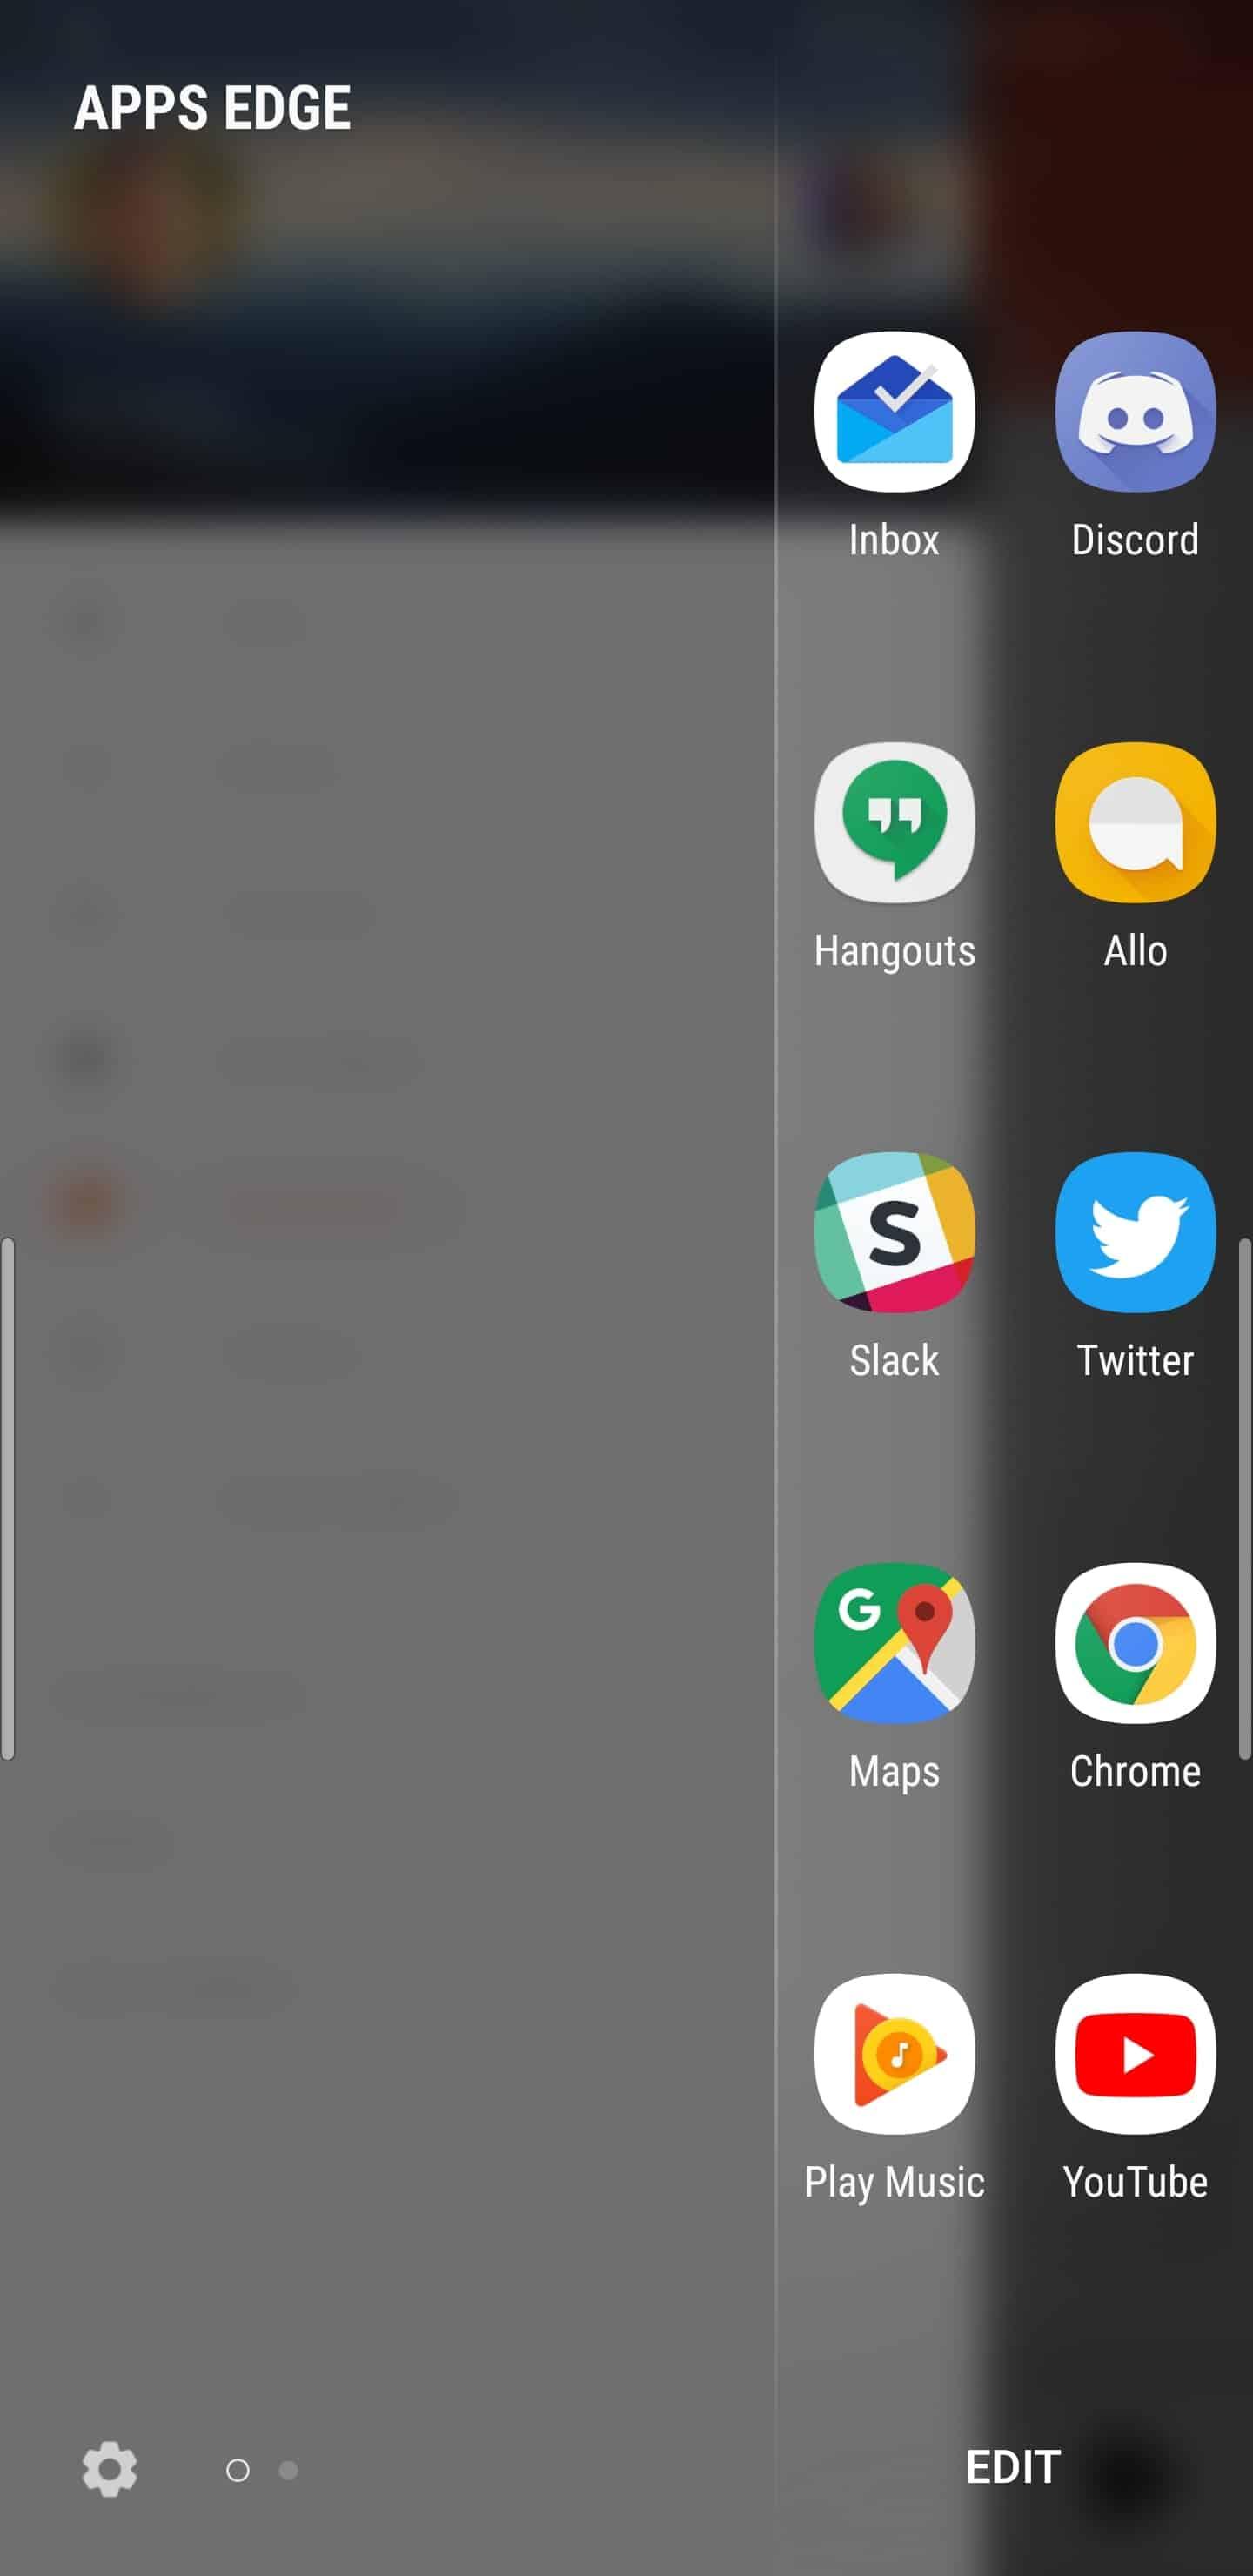 Samsung Galaxy Note 9 AH NS apps edge